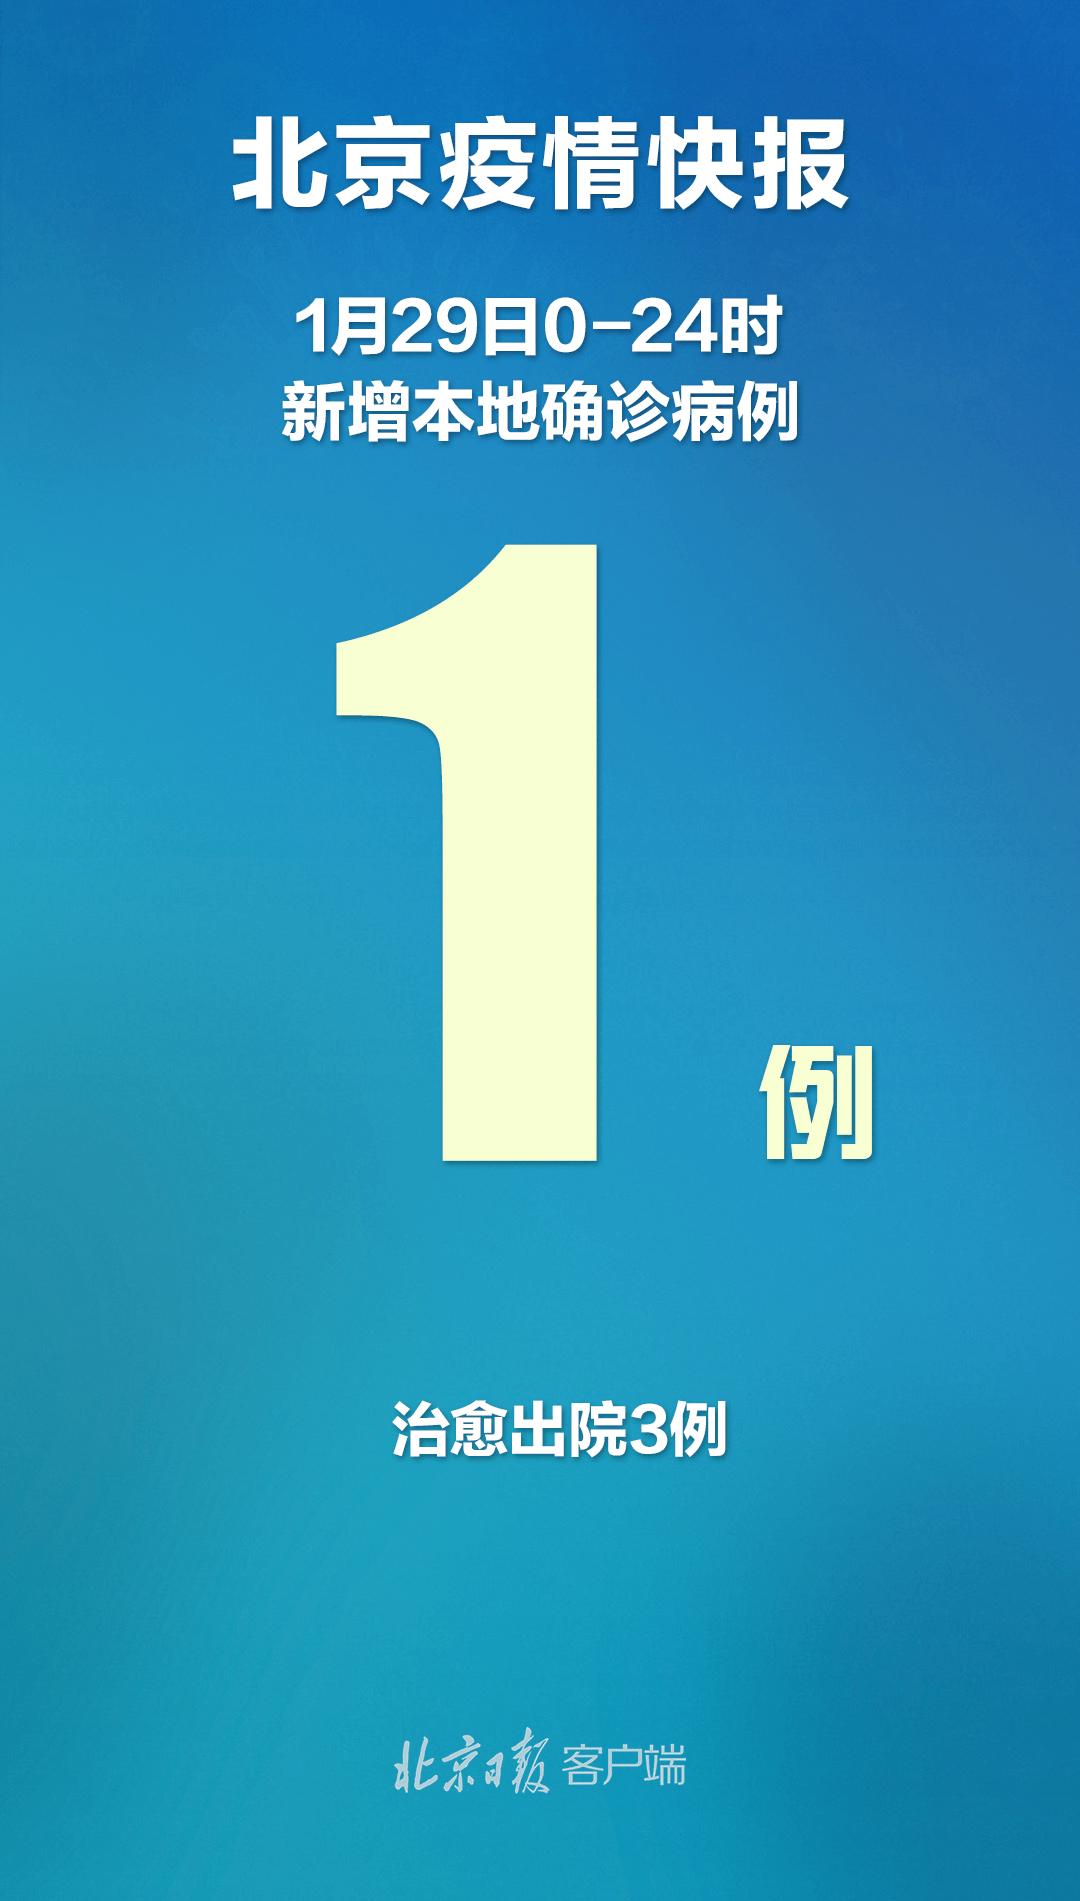 天顺待遇-首页[1.1.2]